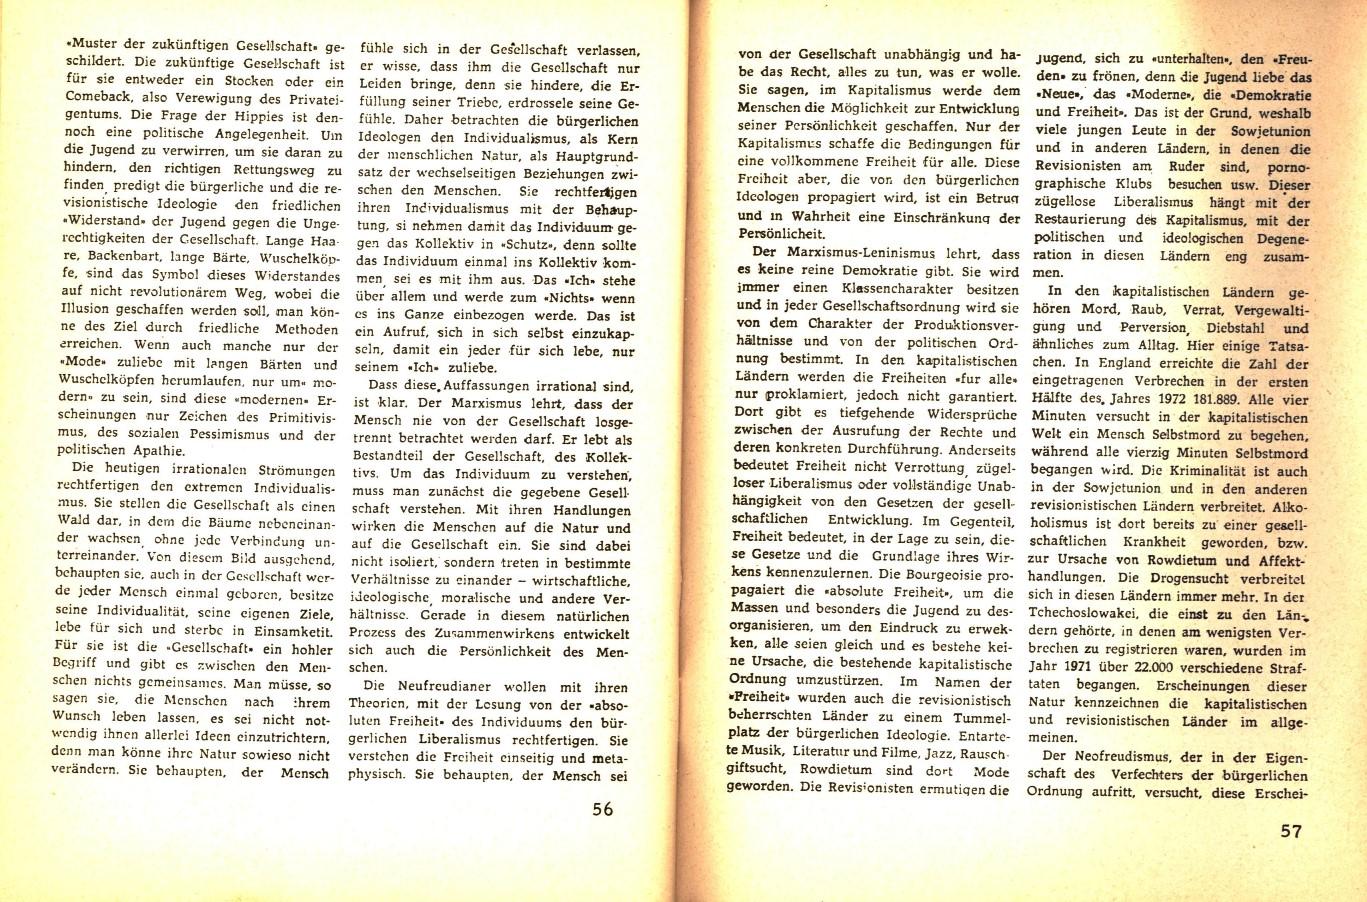 KPDAO_1974_30_Jahre_Befreiung_Albaniens_29